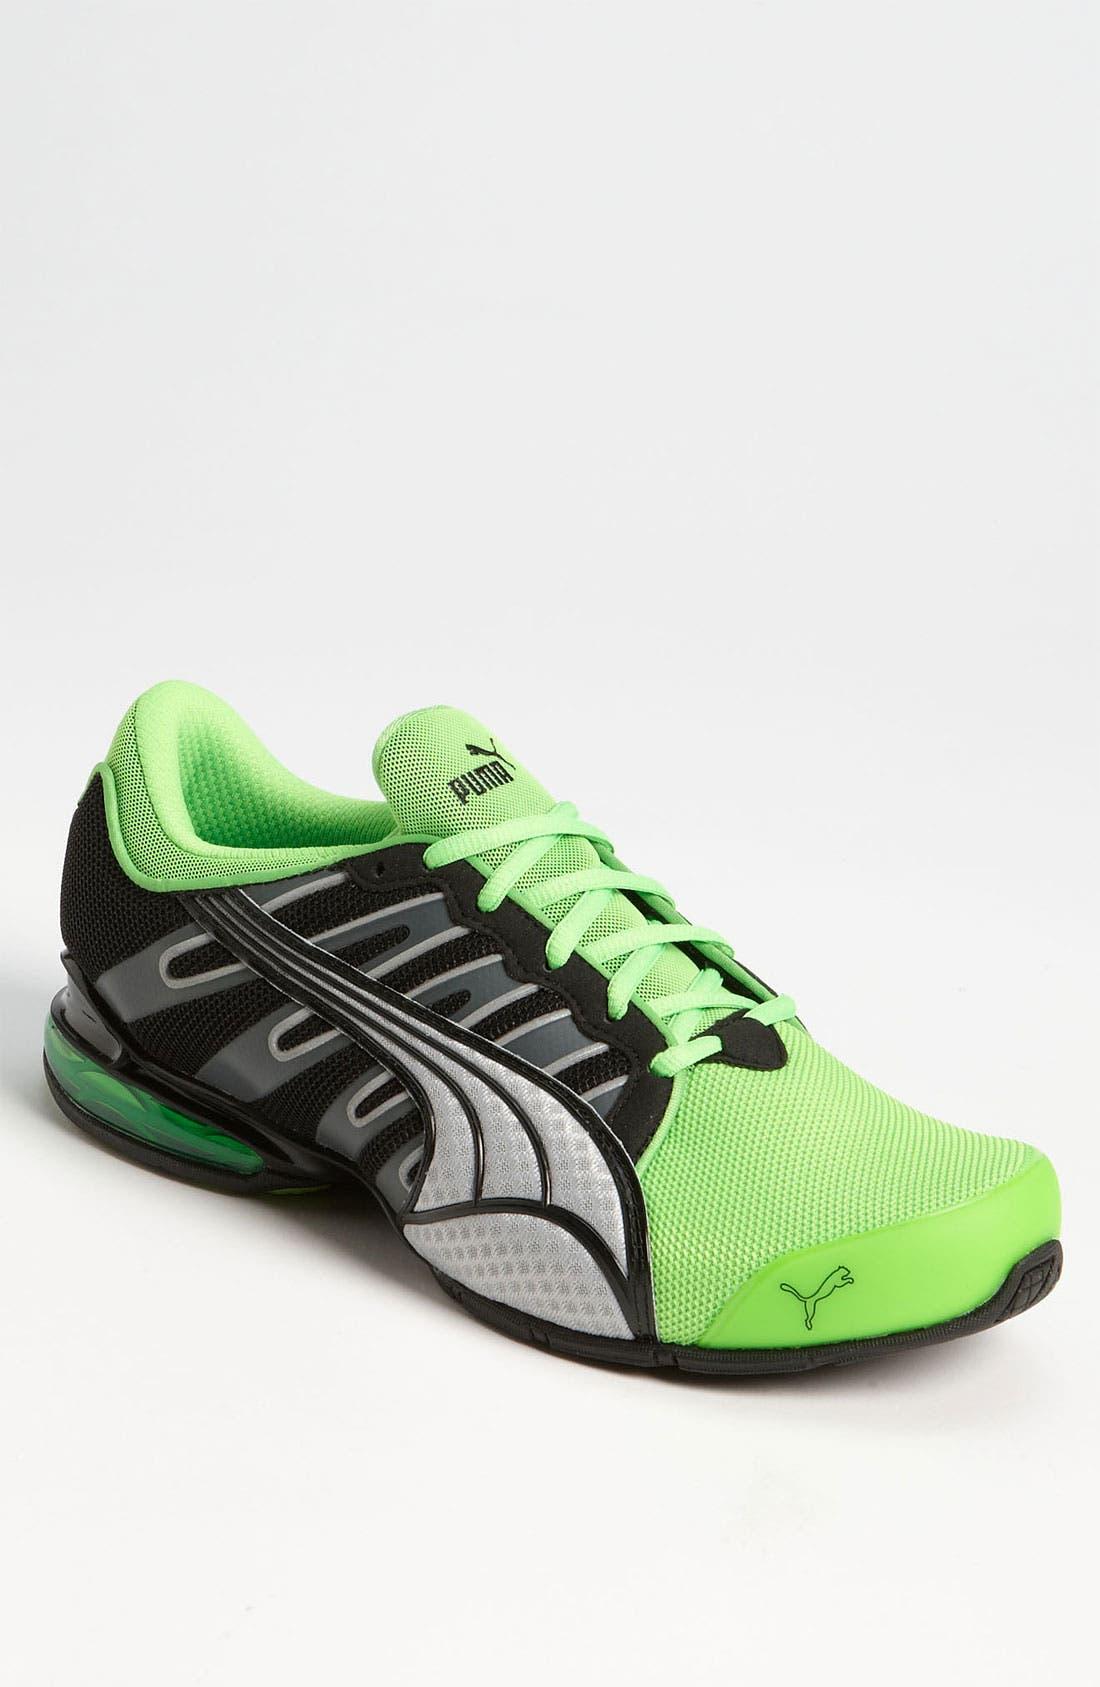 Main Image - PUMA 'Voltaic 3 NM' Running Shoe (Men)